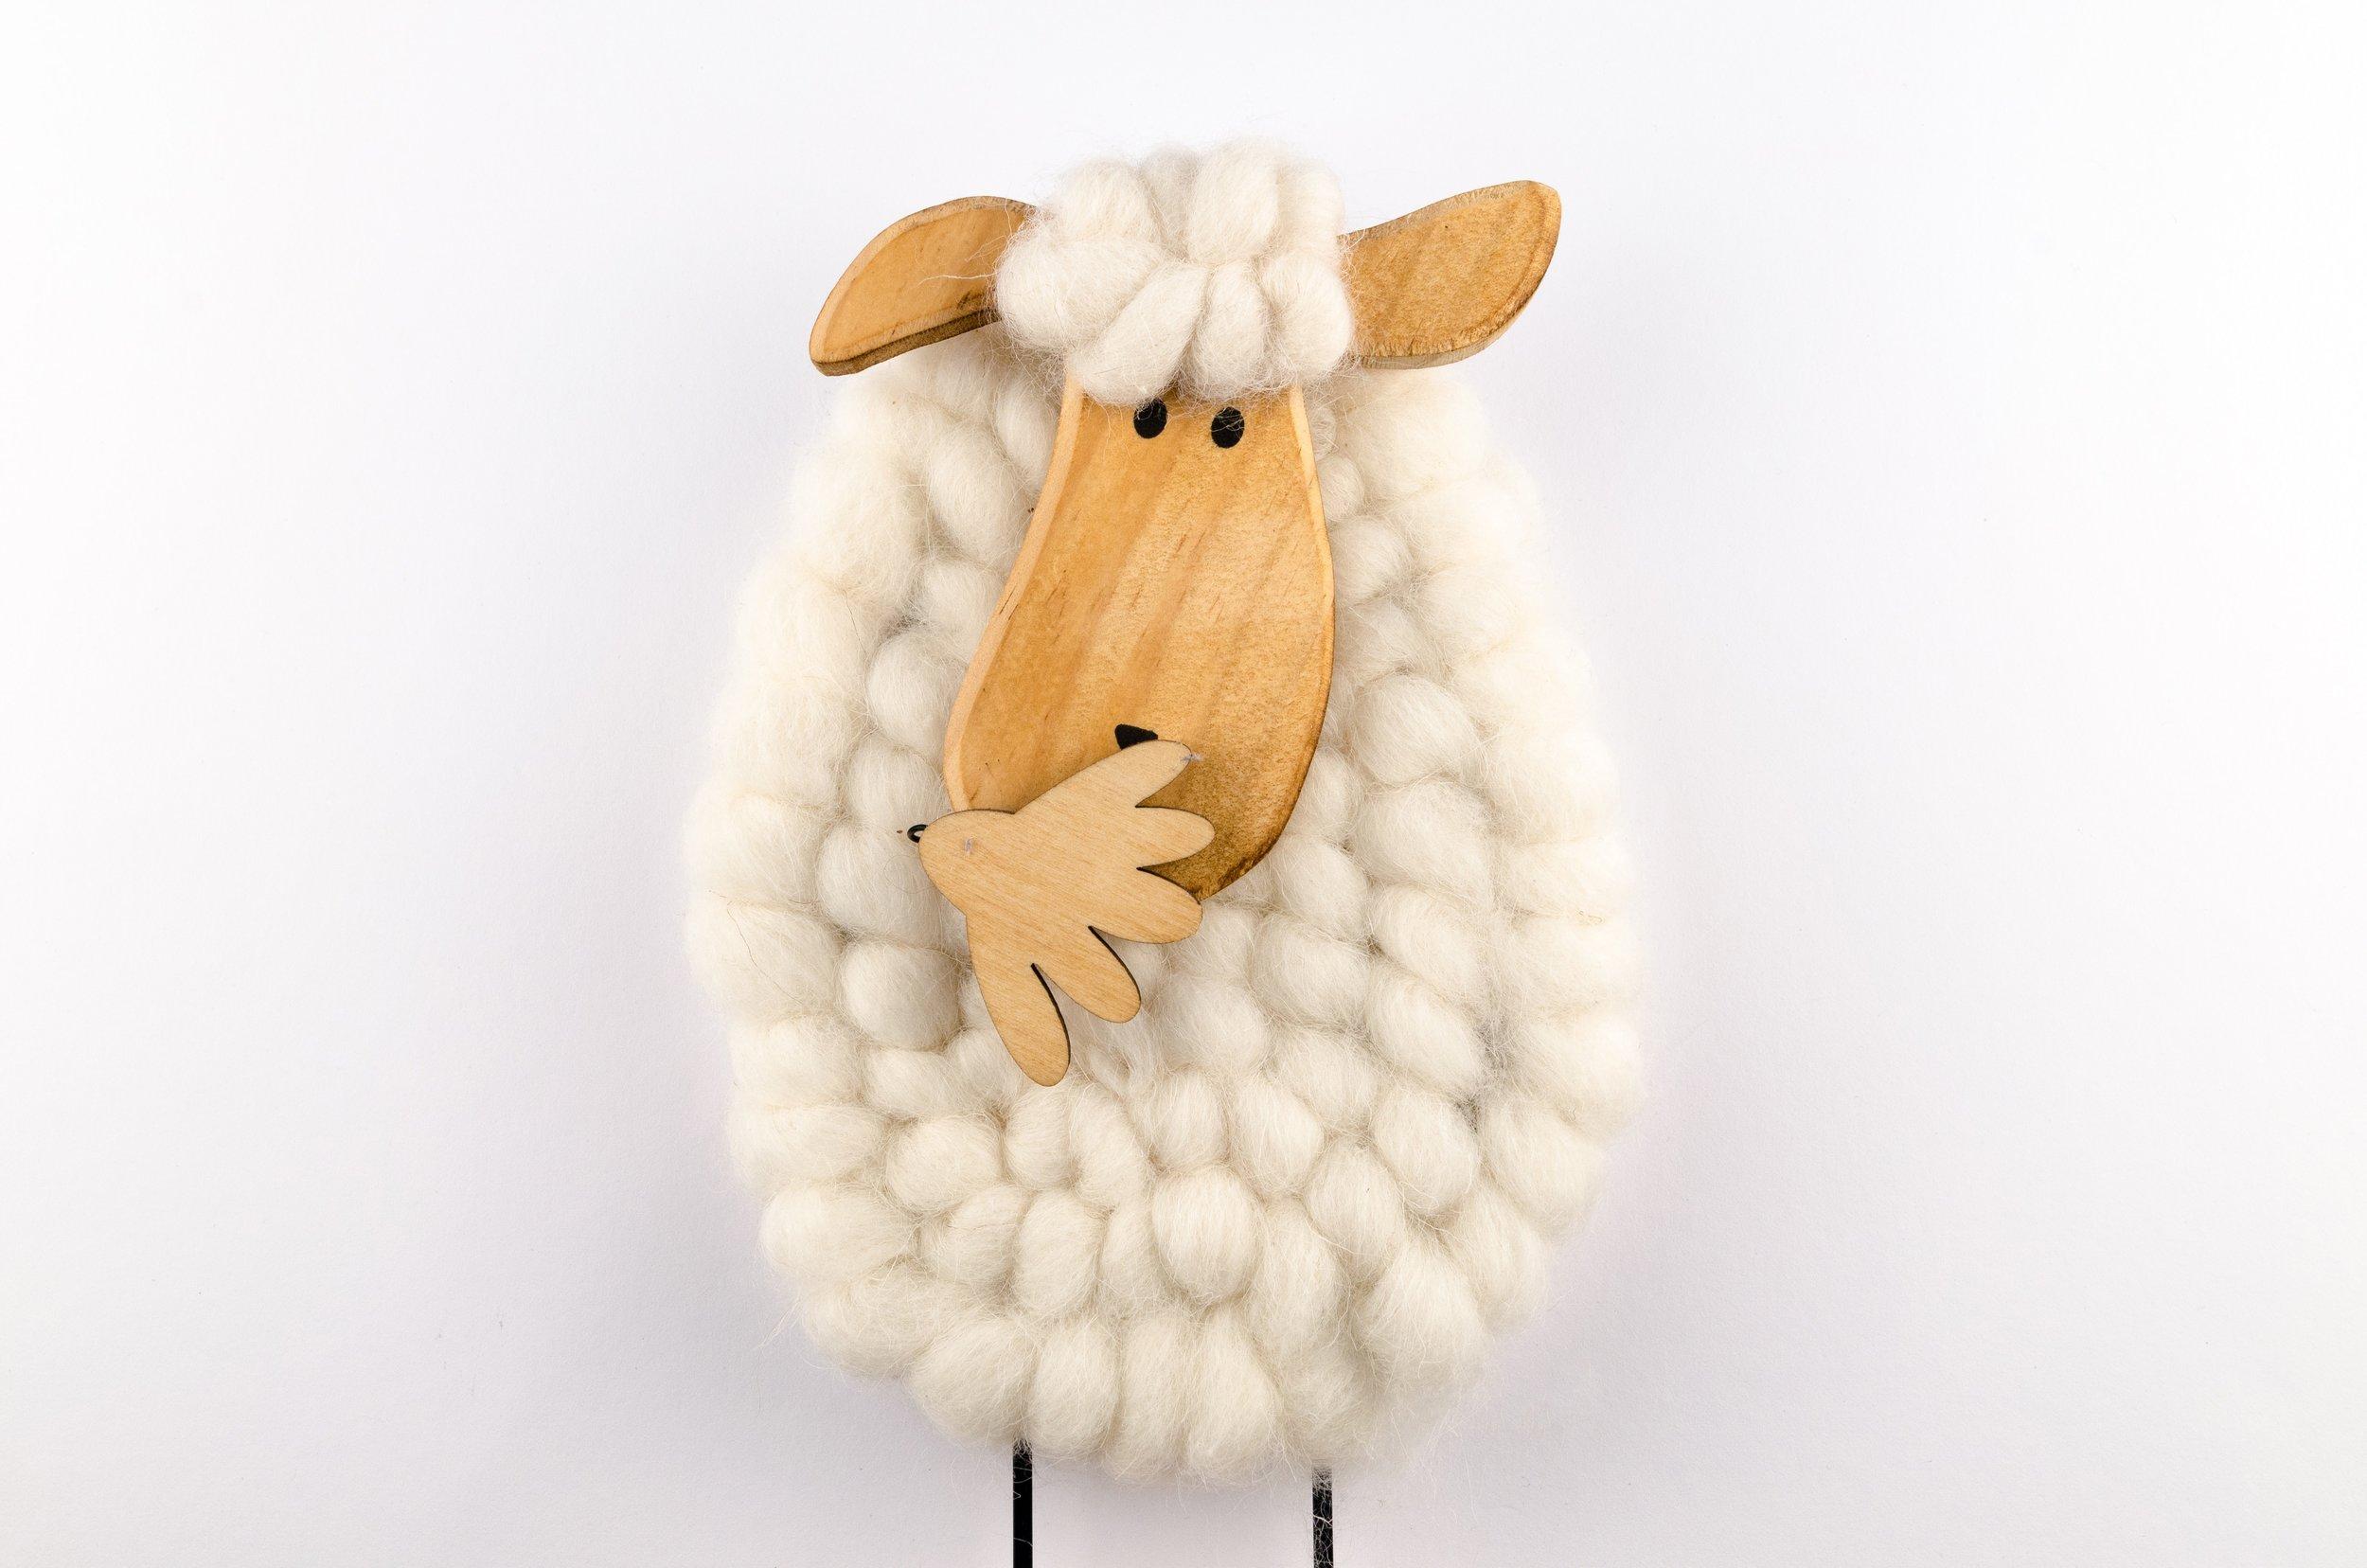 cute-object-sheep-1420706.jpg